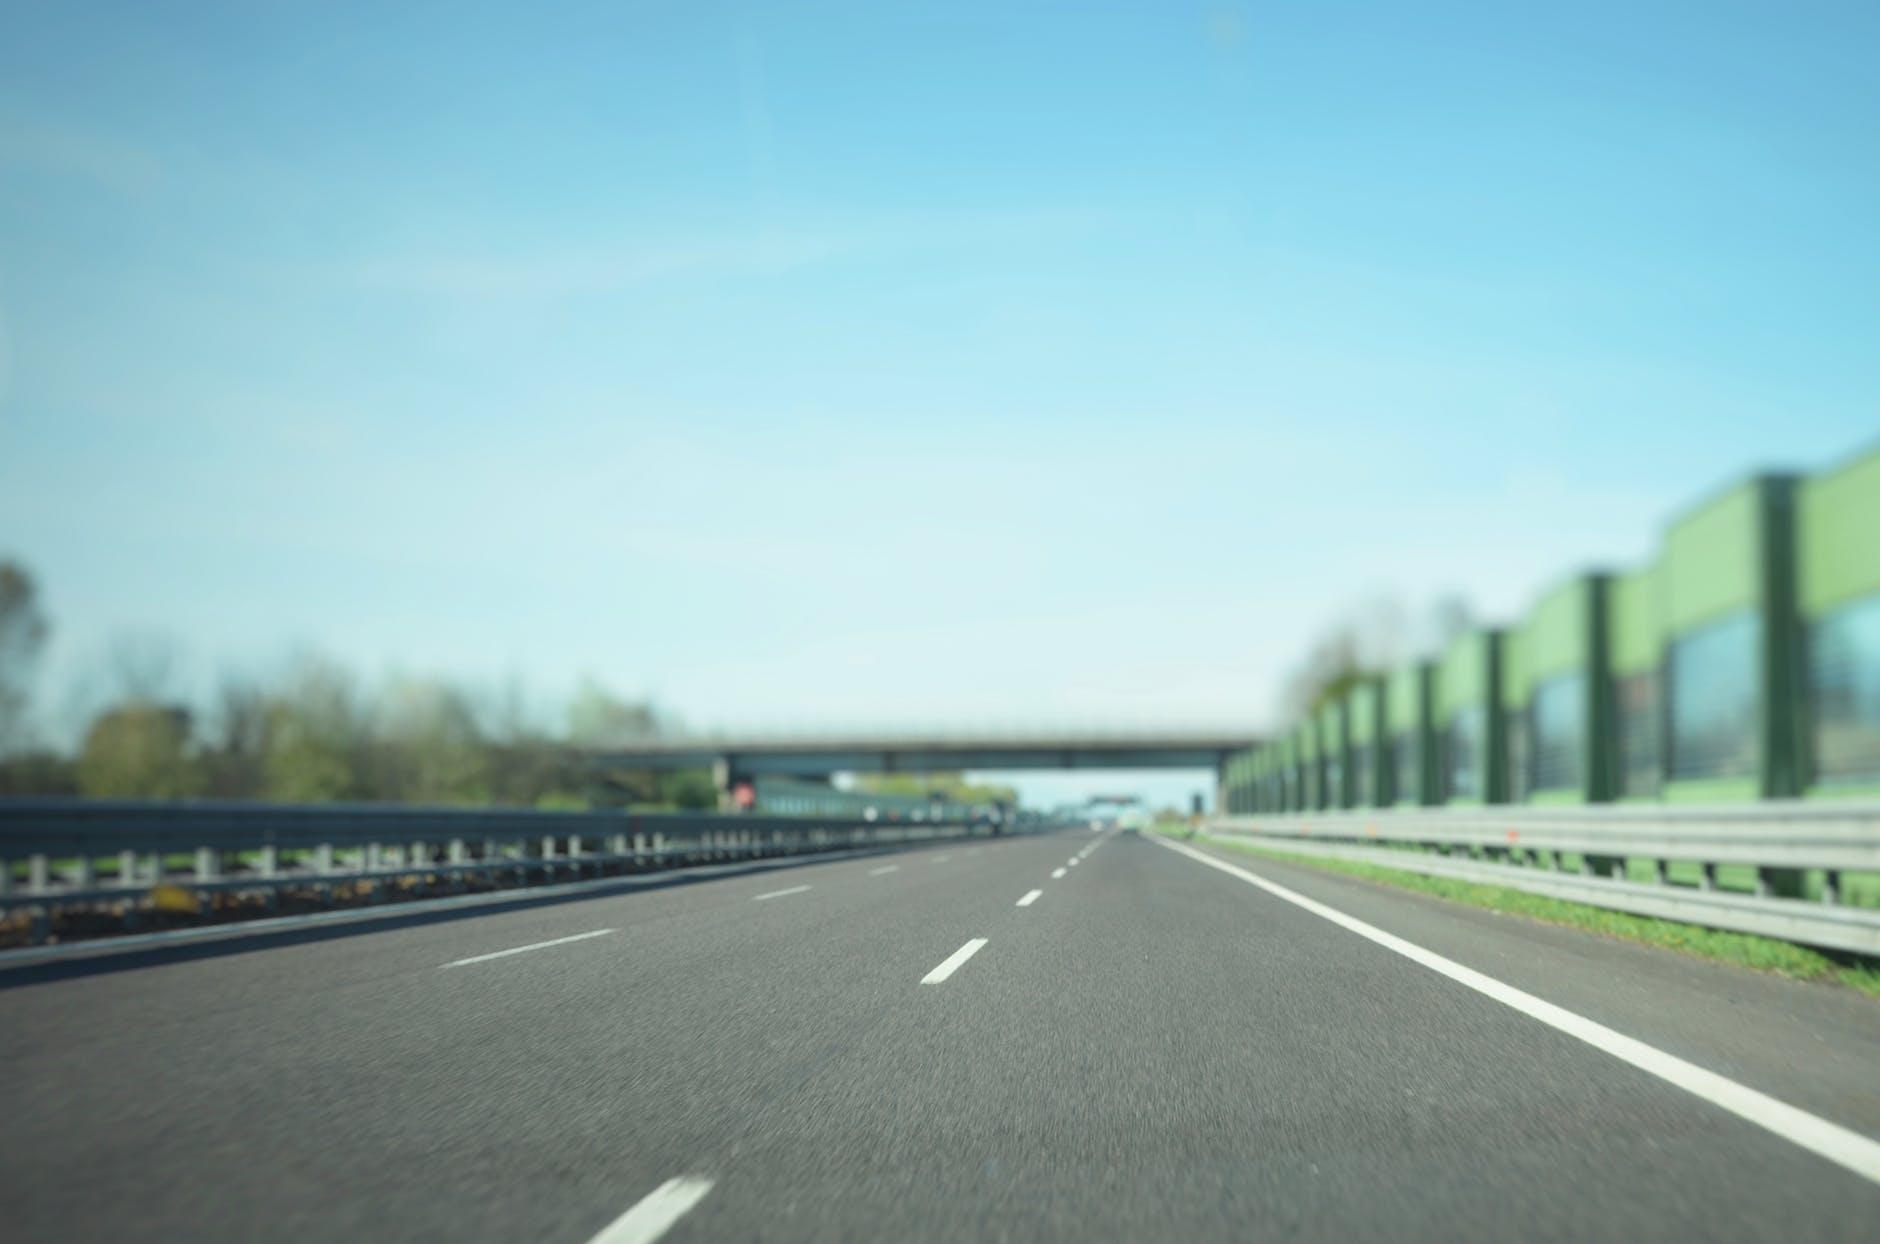 Proyek Jalan Tol Lanjut, Saham Waskita Jadi Pilihan Investasi